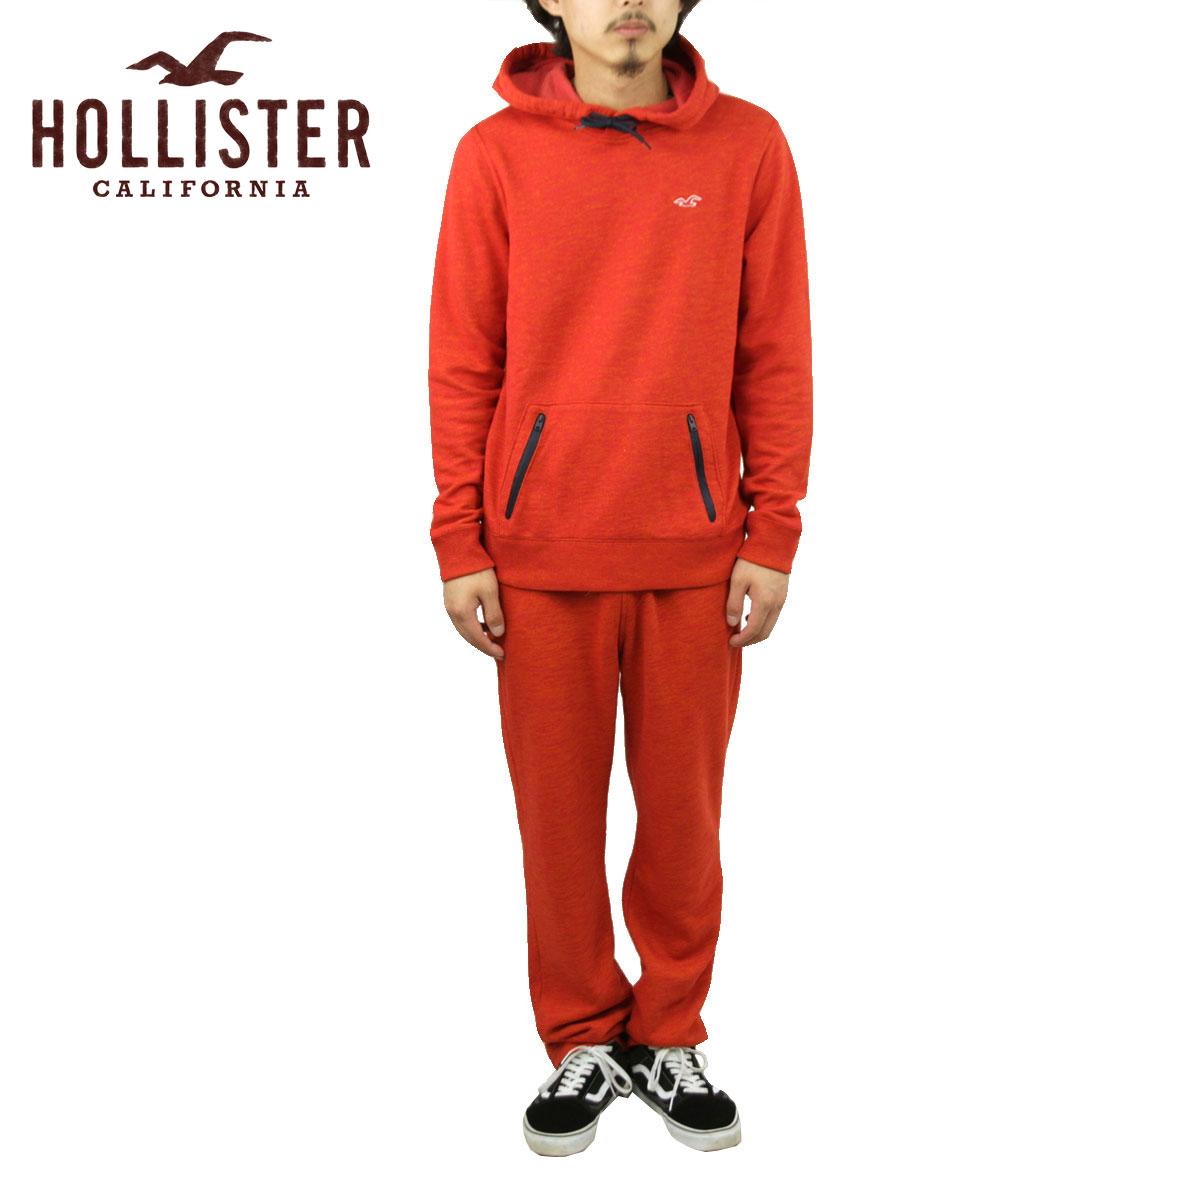 ホリスター HOLLISTER 正規品 メンズ ジャージセットアップ JERSEY SET UP 322-221-0532-500 334-345-0366-502 D00S20